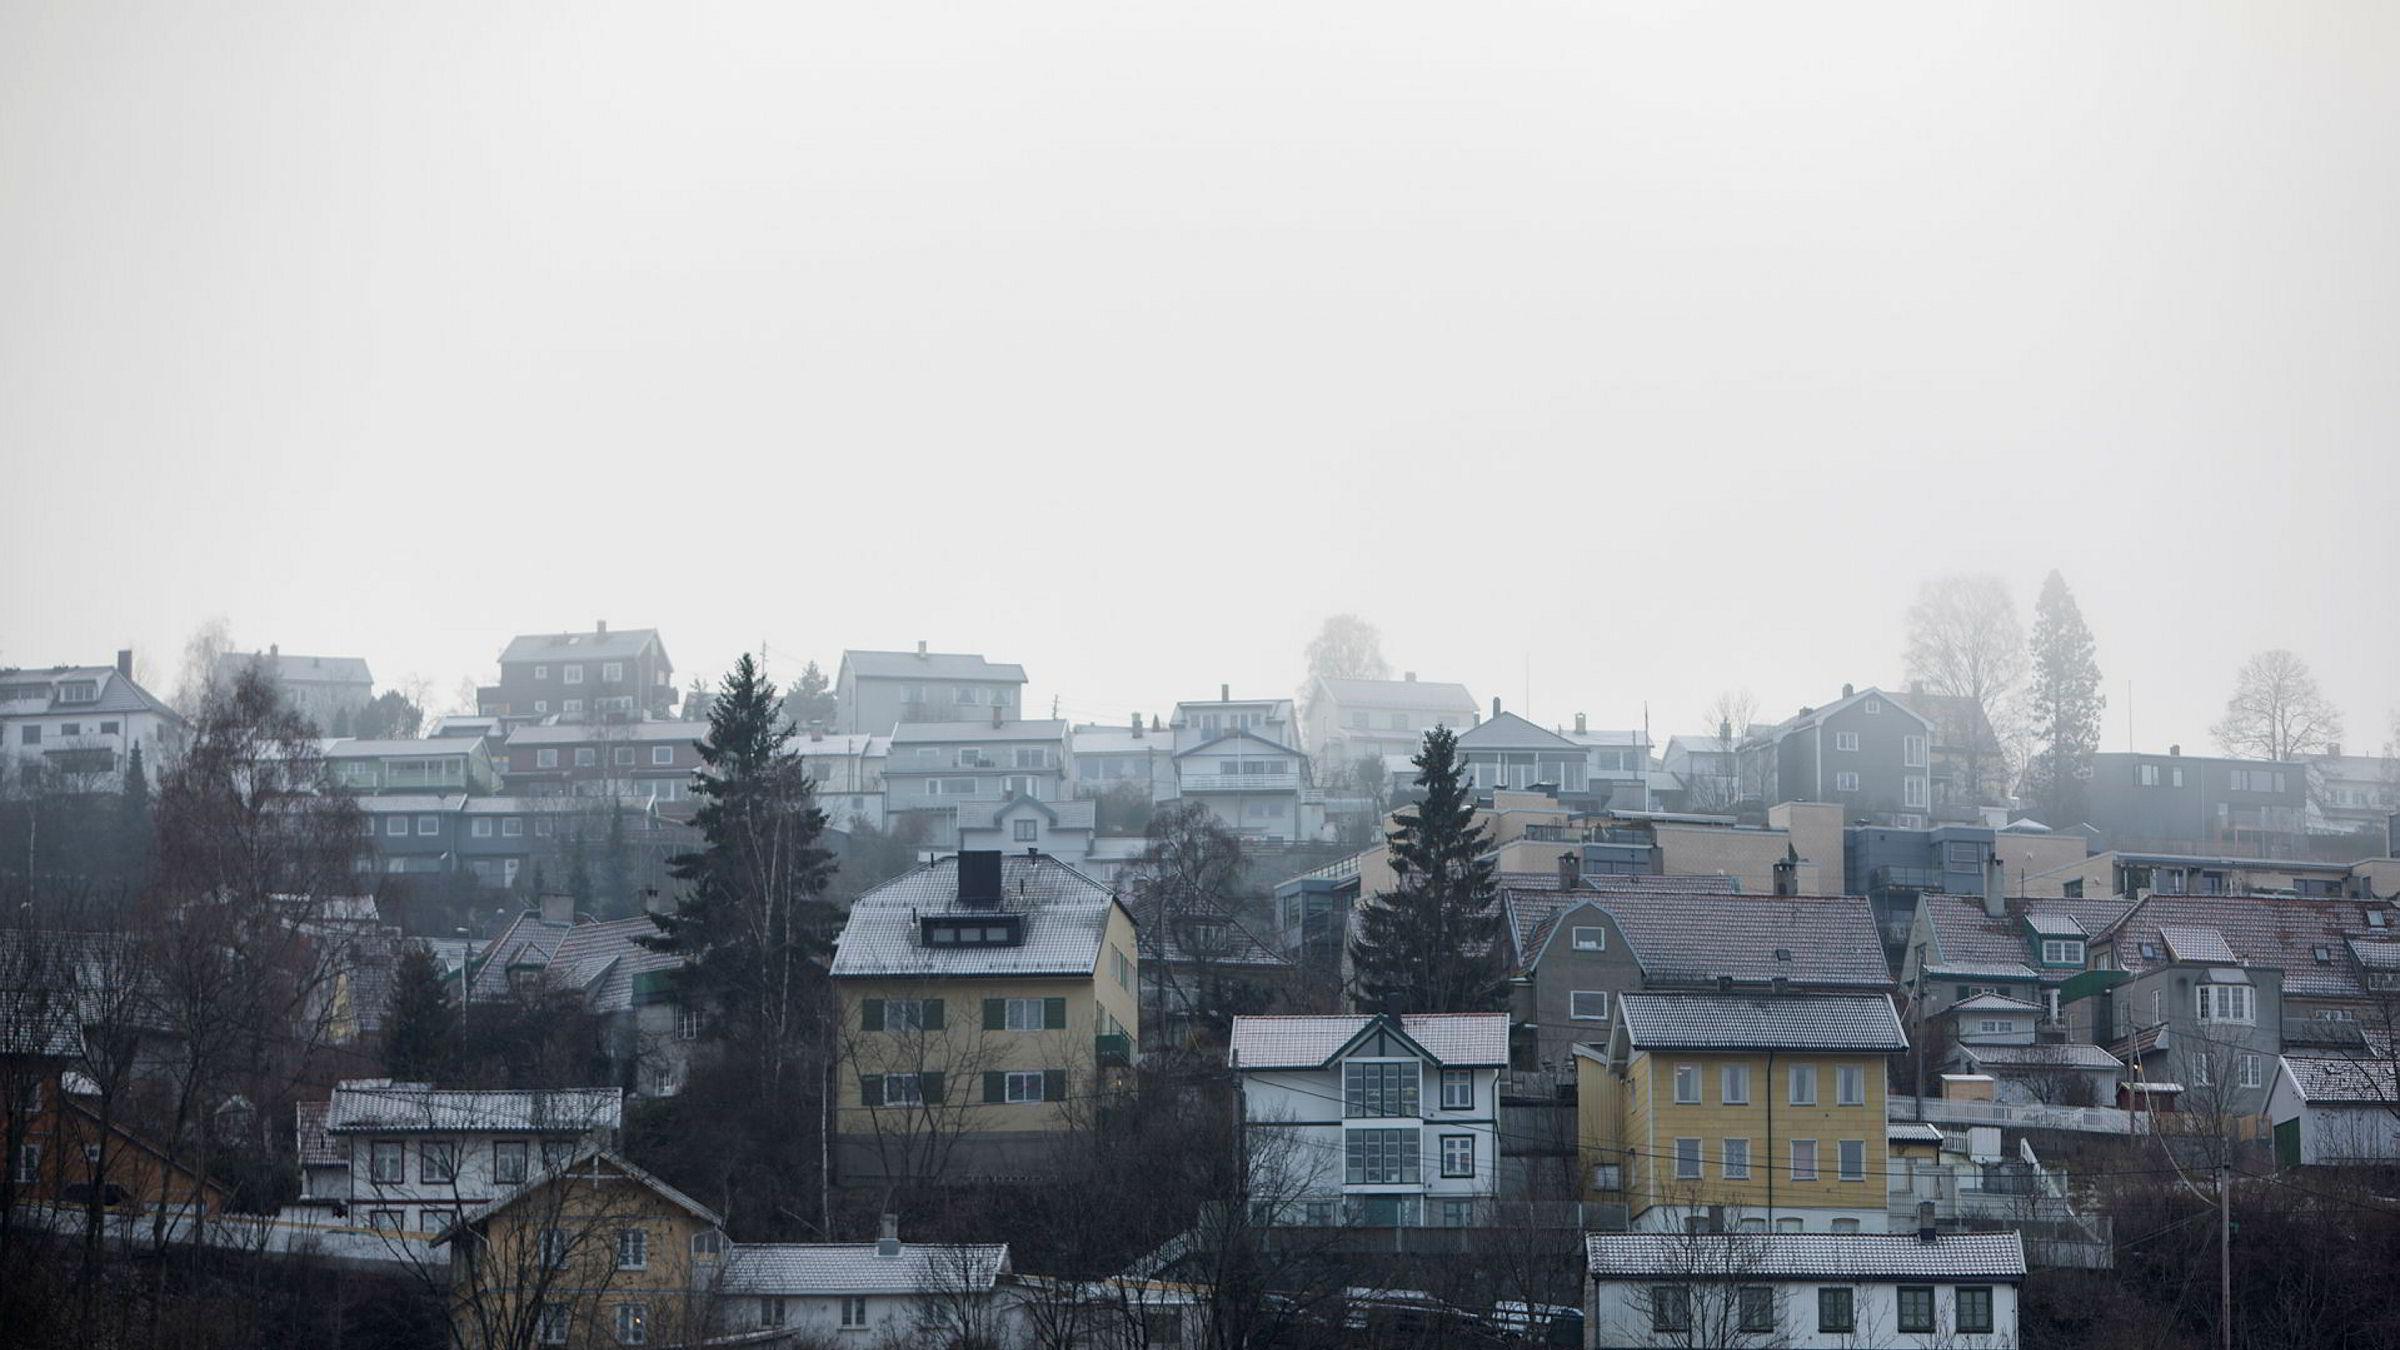 Ved å stramme inn på retningslinjene håper Norges Eiendomsmeglerforbundet at off market salg vil reduseres til et minimum. Bildet er fra Ekebergåsen i Oslo.